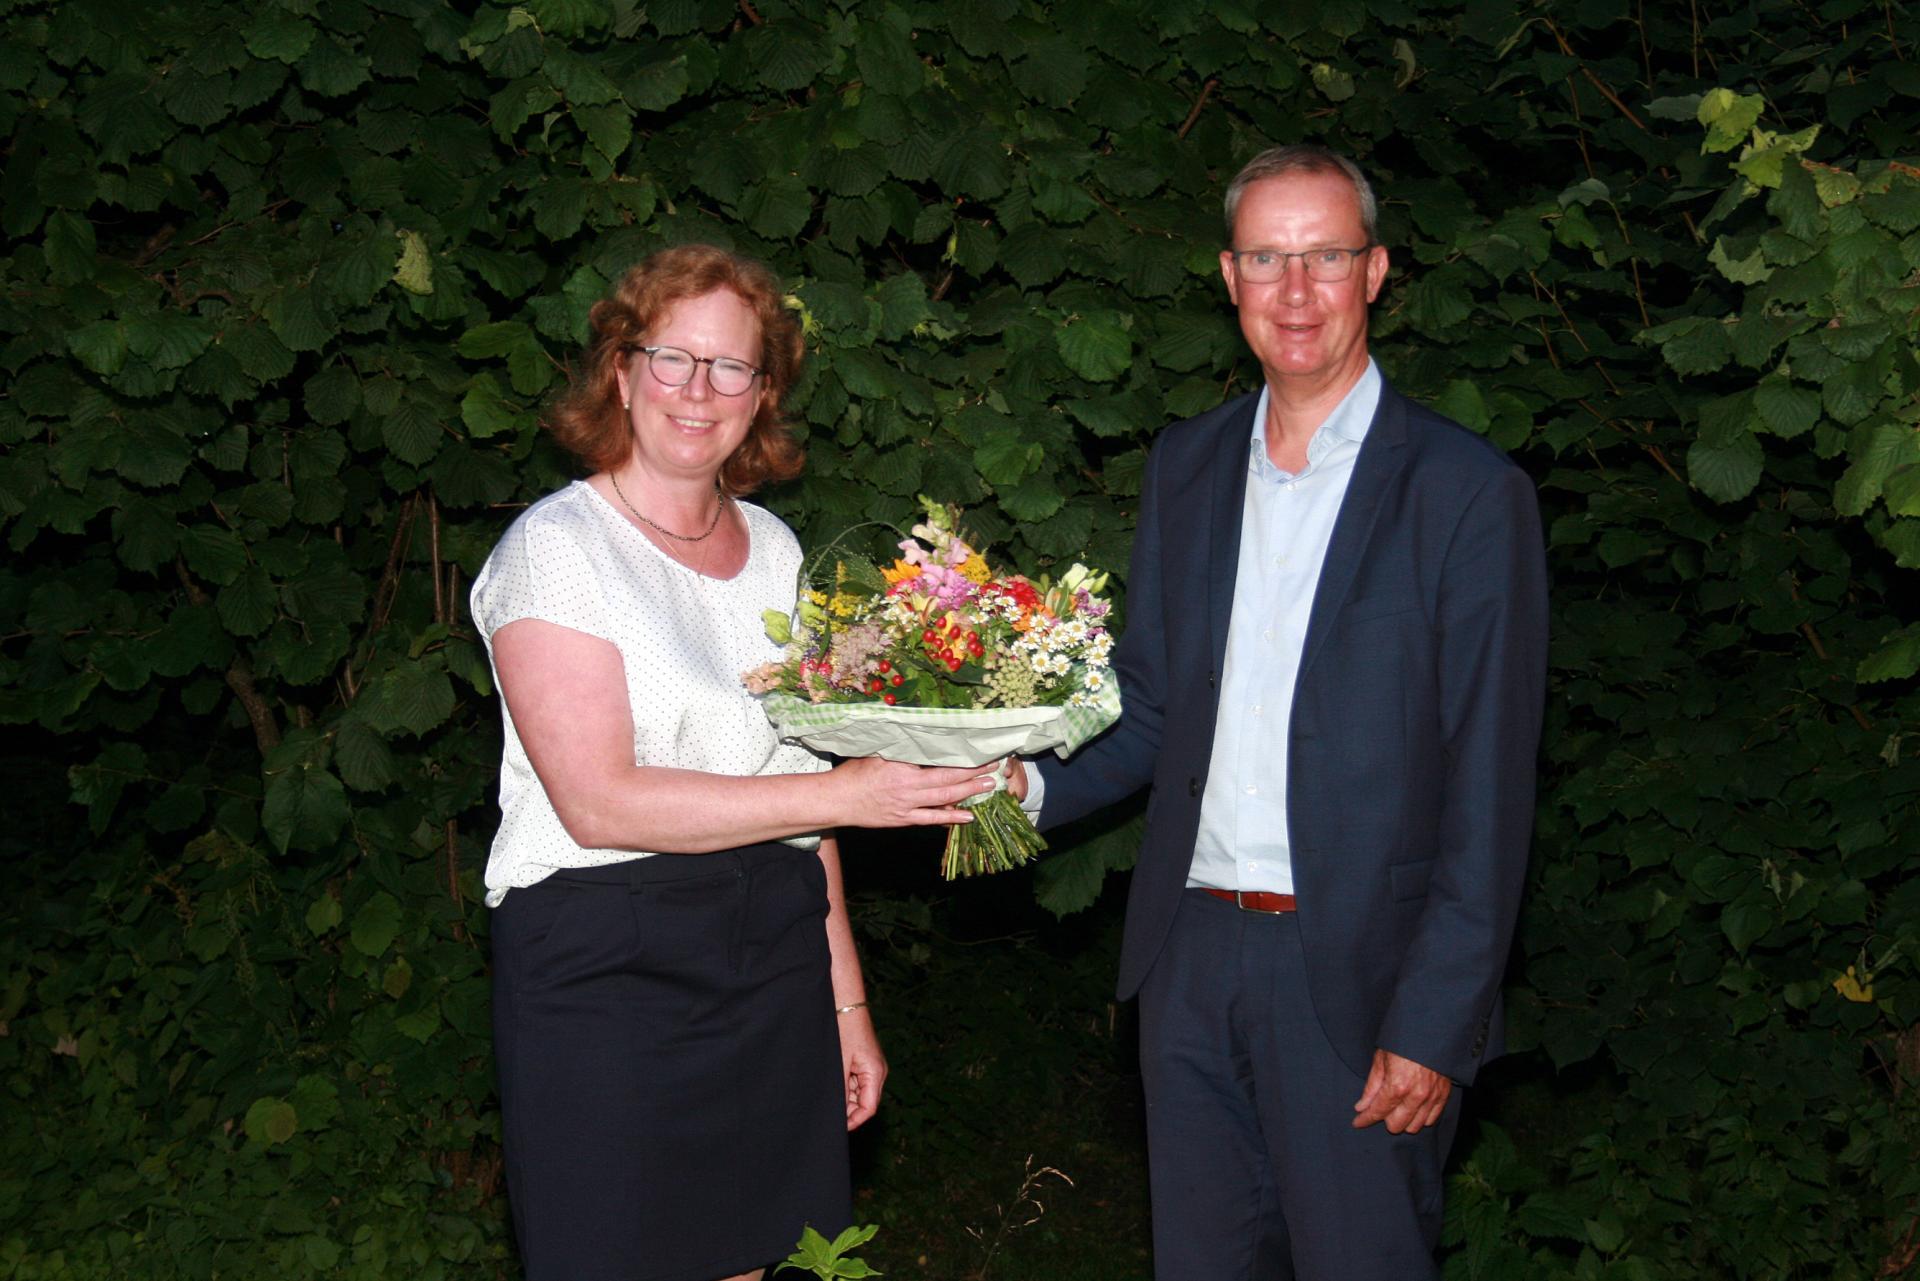 Schulverbandsvorsteher Frank Hinrichs (rechts) gratuliert Sandra Wilhöft zur Wahl